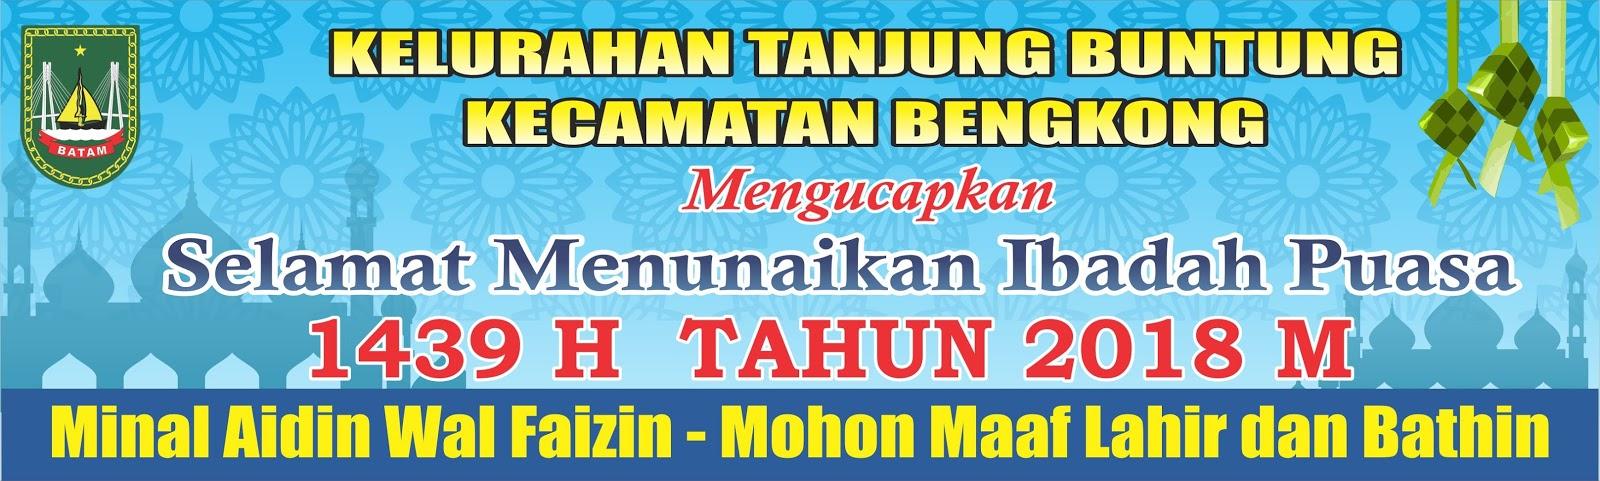 Contoh Spanduk Ucapan Ramadhan Dan Idul Fitri Ala Model Kini